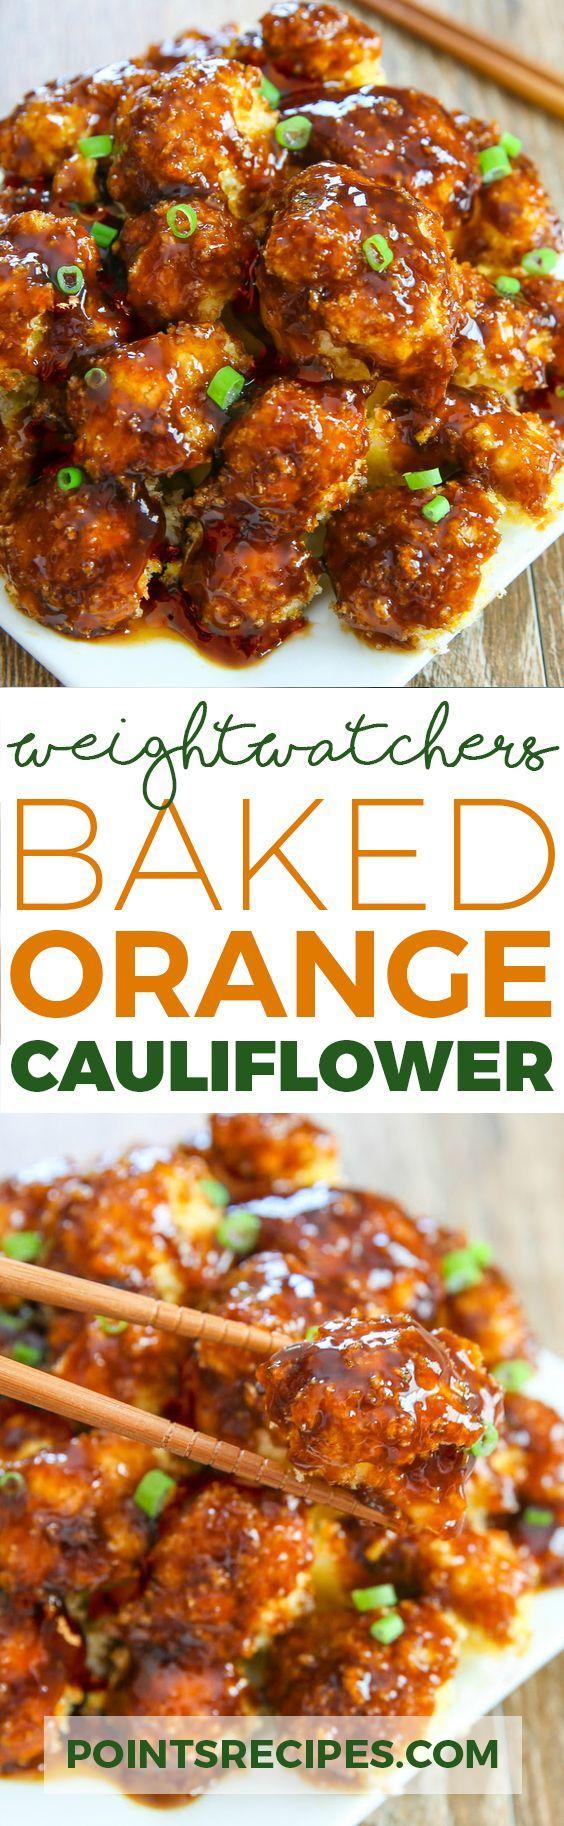 BAKED ORANGE CAULIFLOWER (WEIGHT WATCHERS SMARTPOINTS)